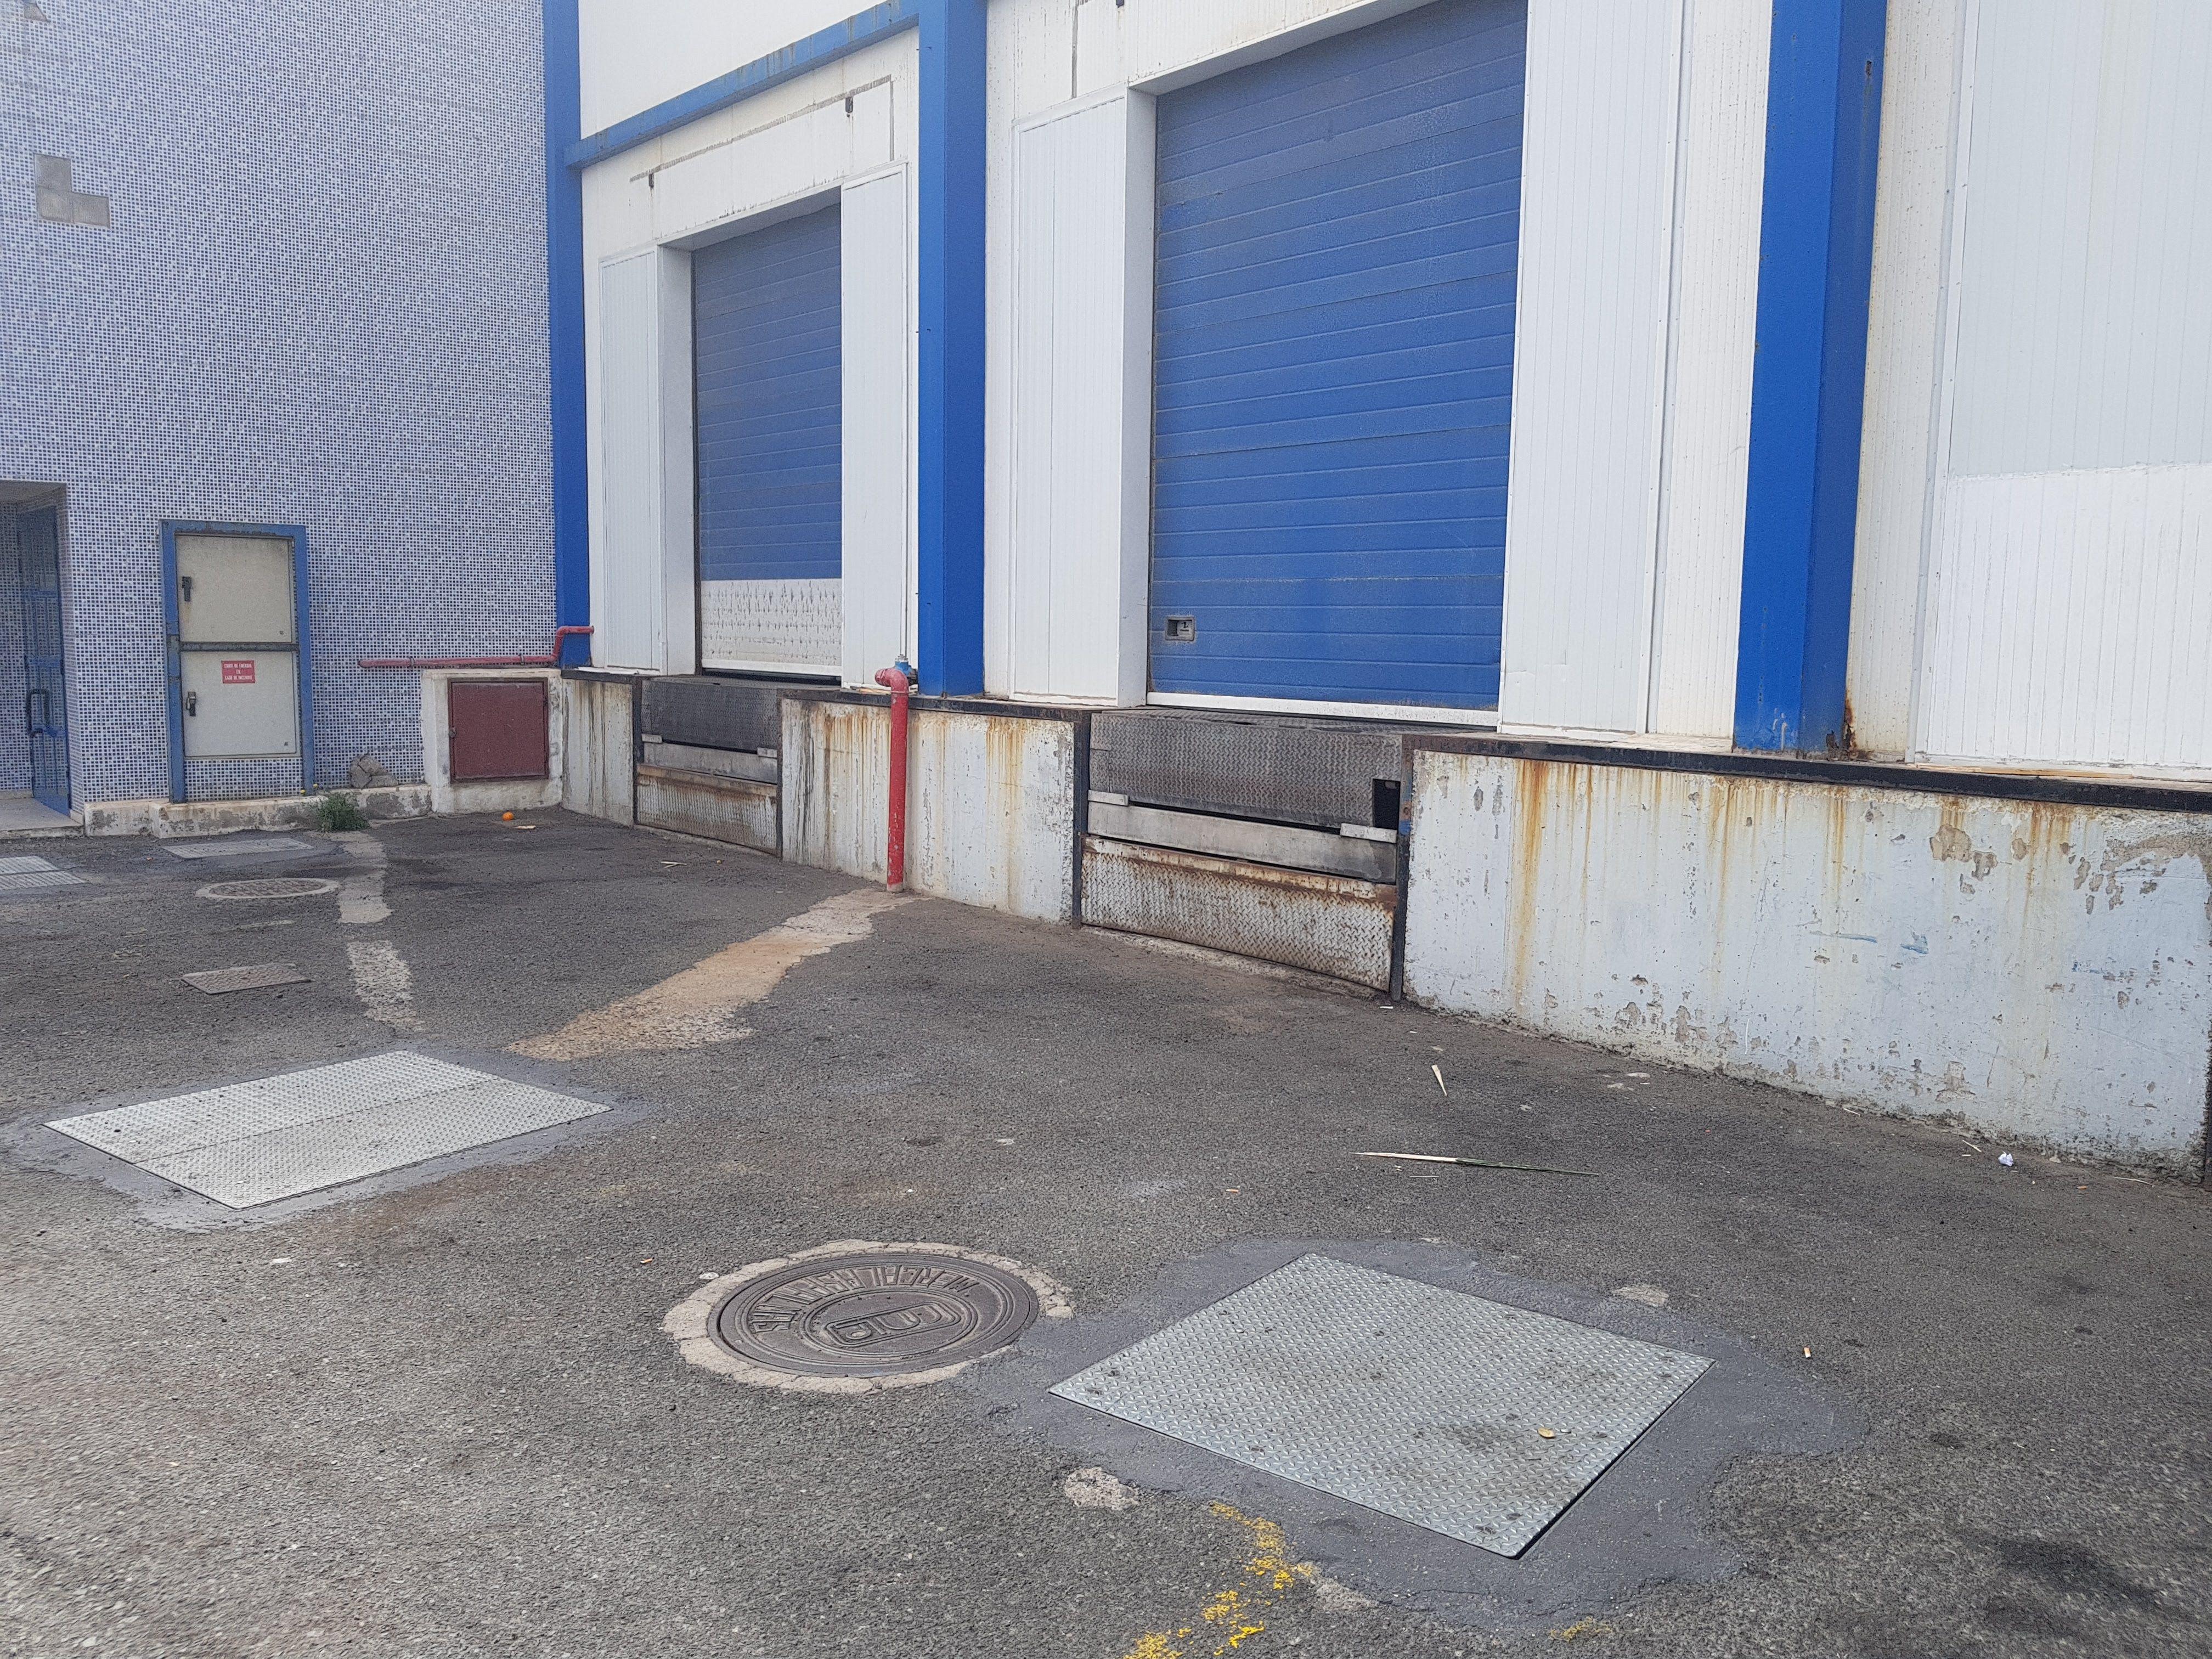 Picture 94 of Mantenimiento industrial in Icod de los Vinos | AGM Reparaciones y Mantenimientos